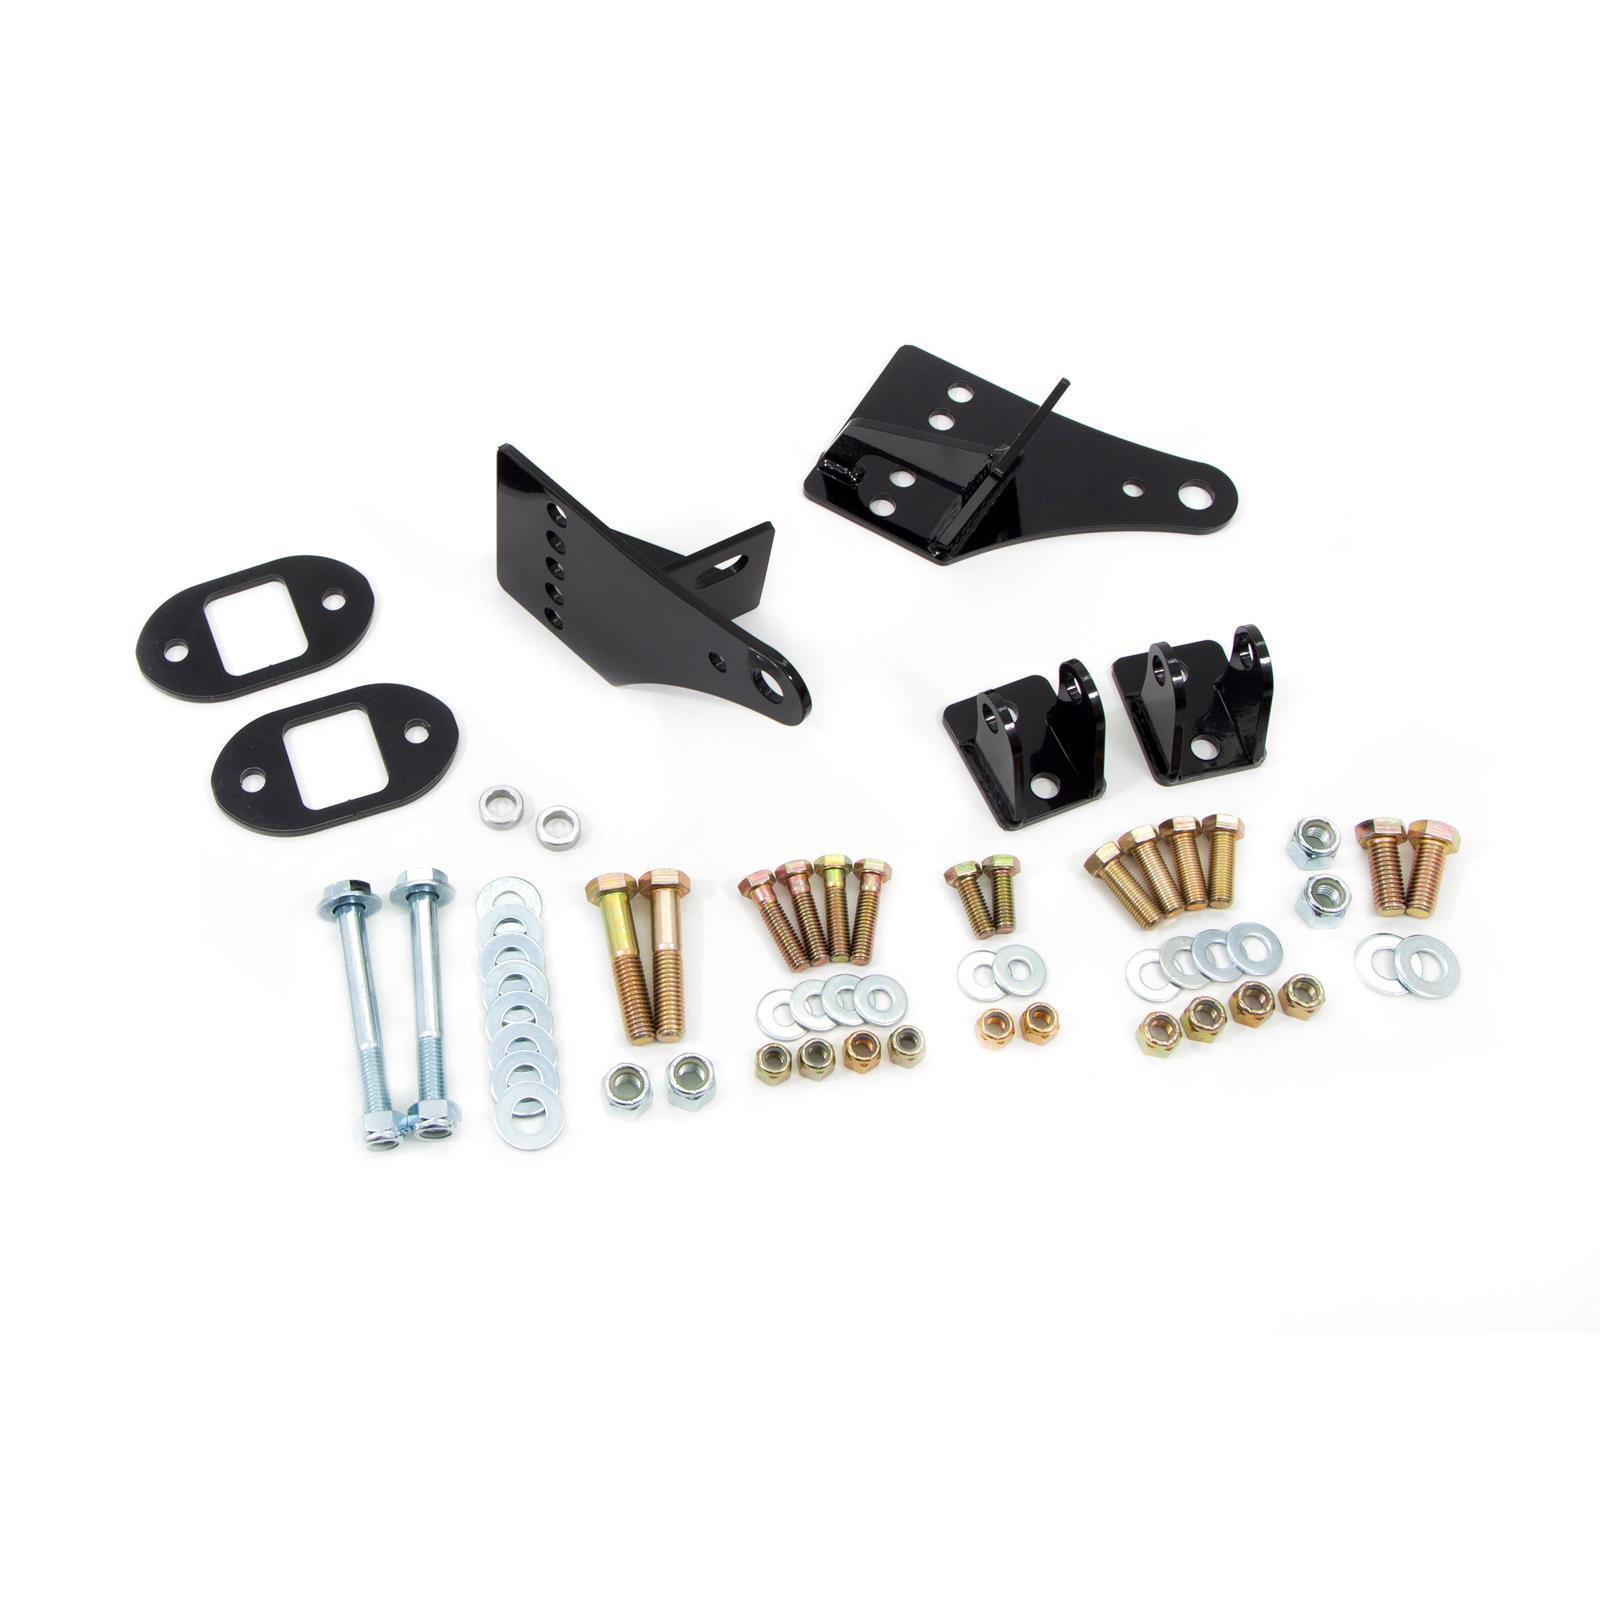 BSG 30-470-001 Wheel Suspension